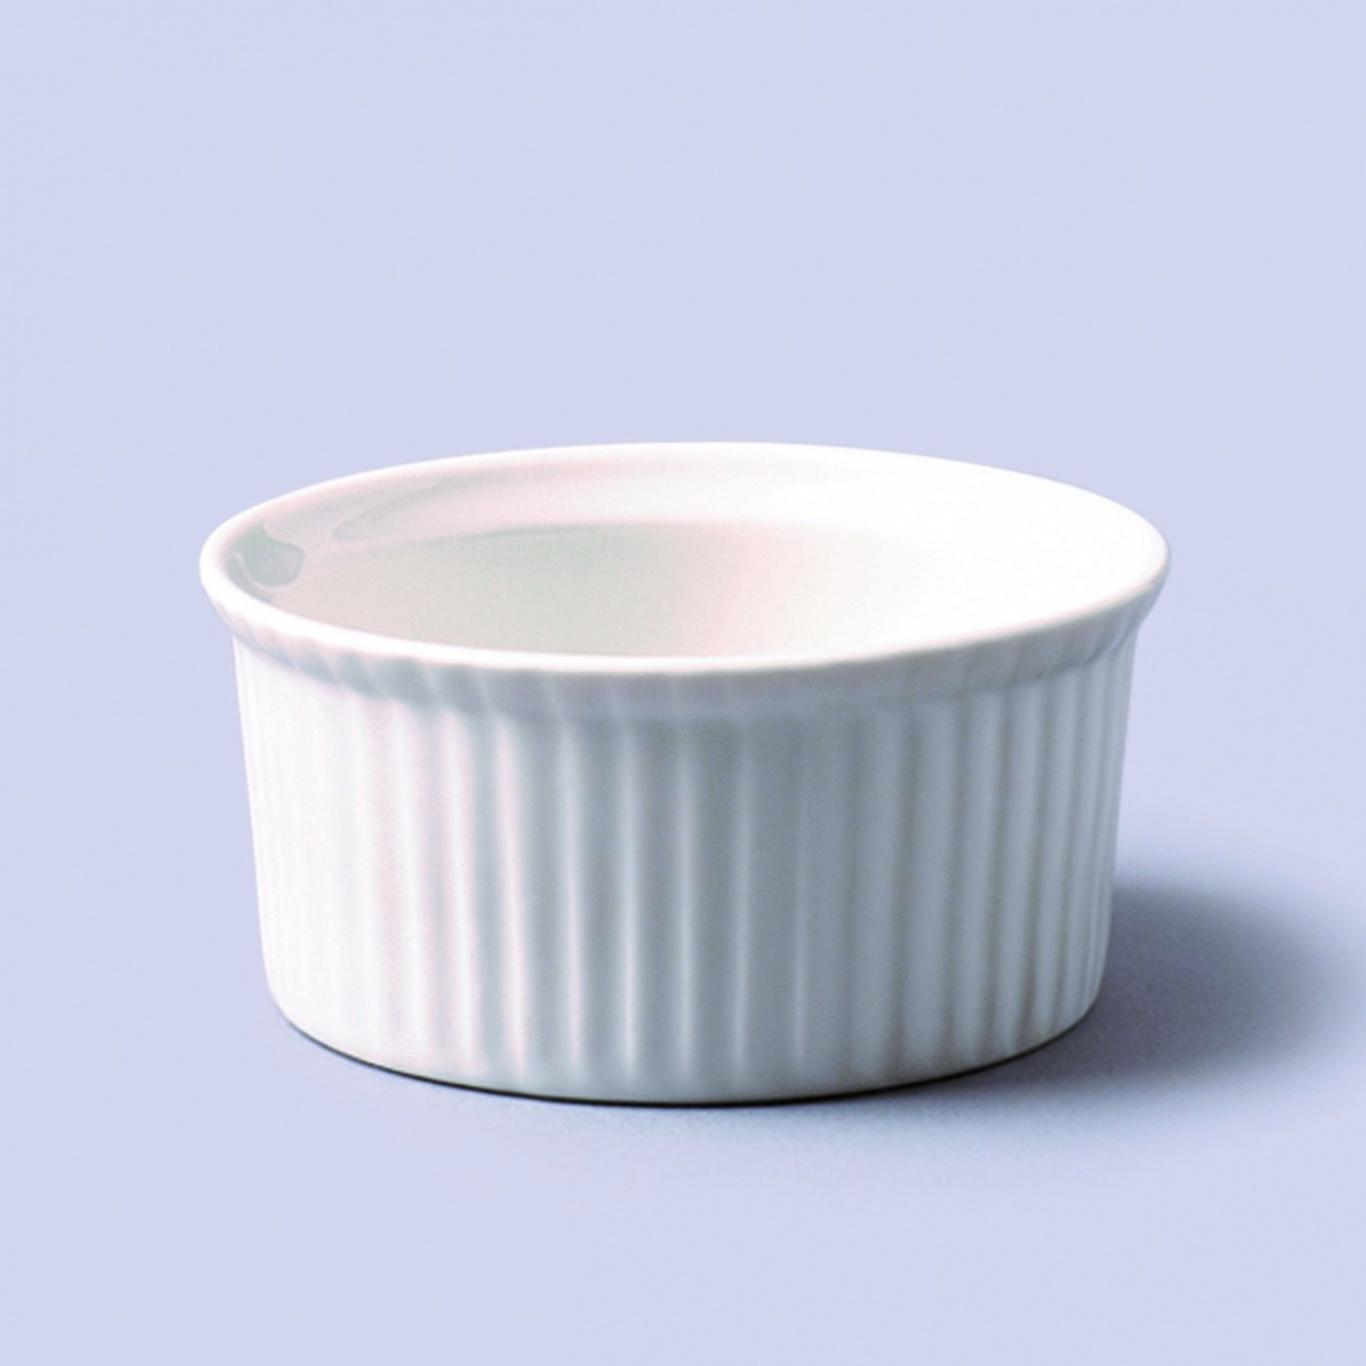 Image of Ramekin 8cm x 3.5cm